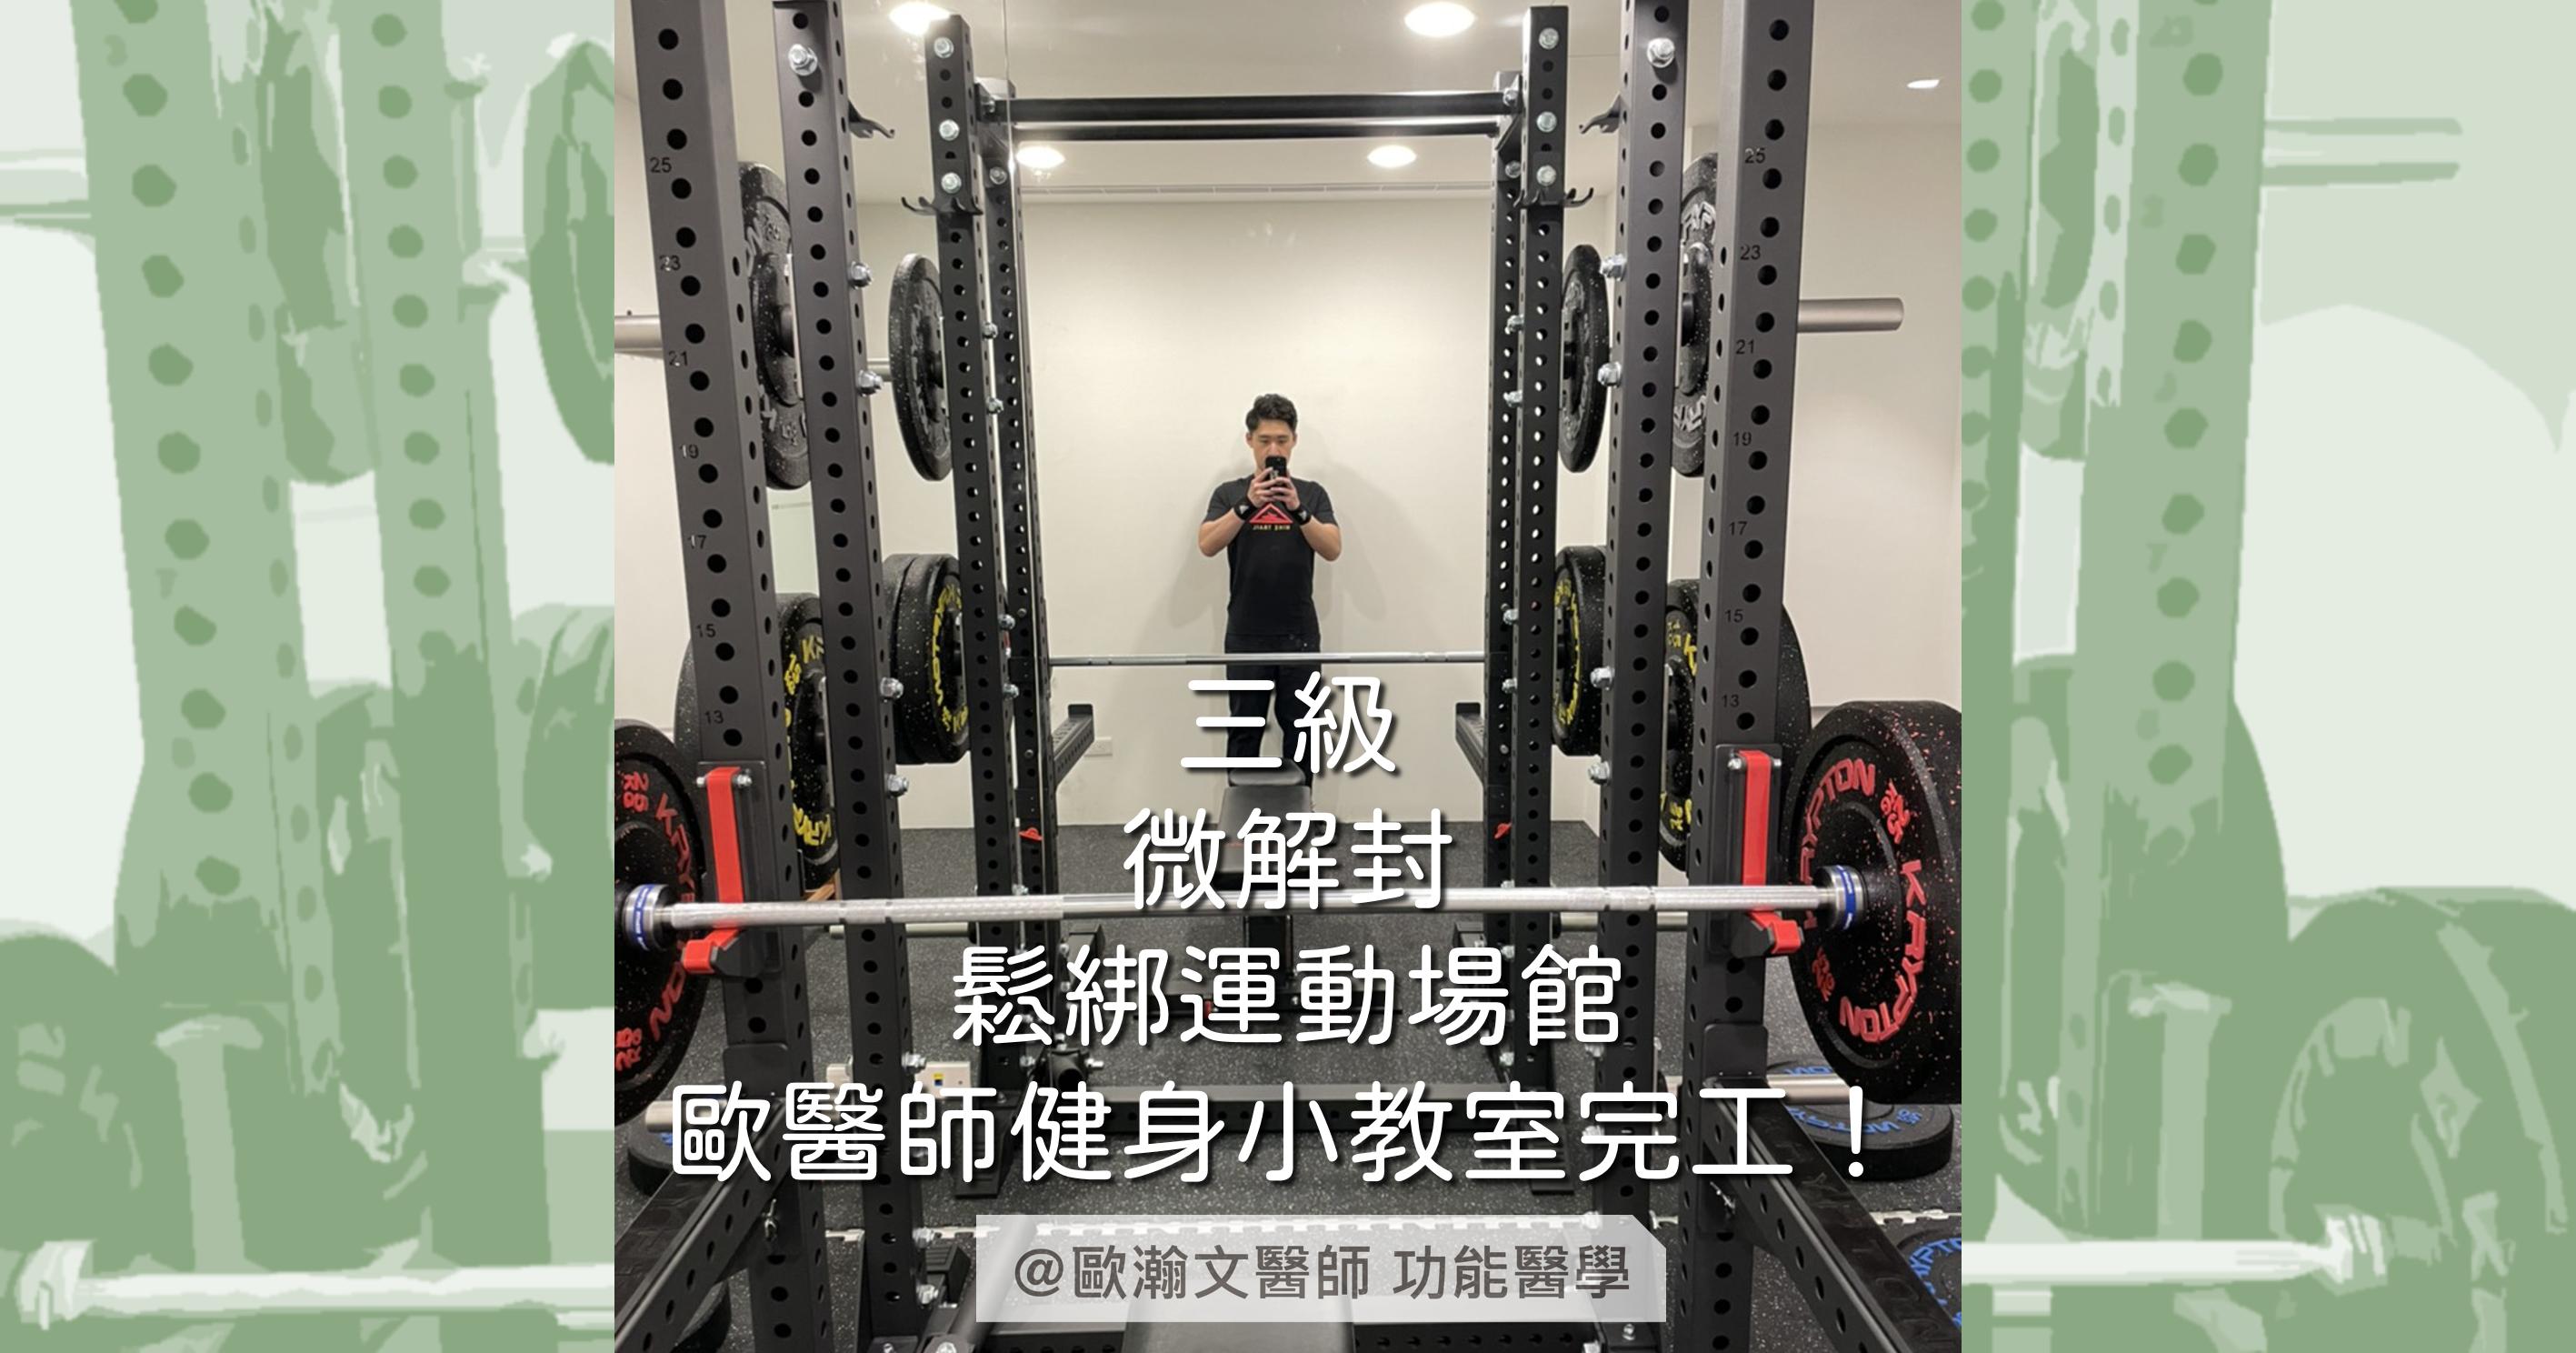 歐瀚文 健身教室